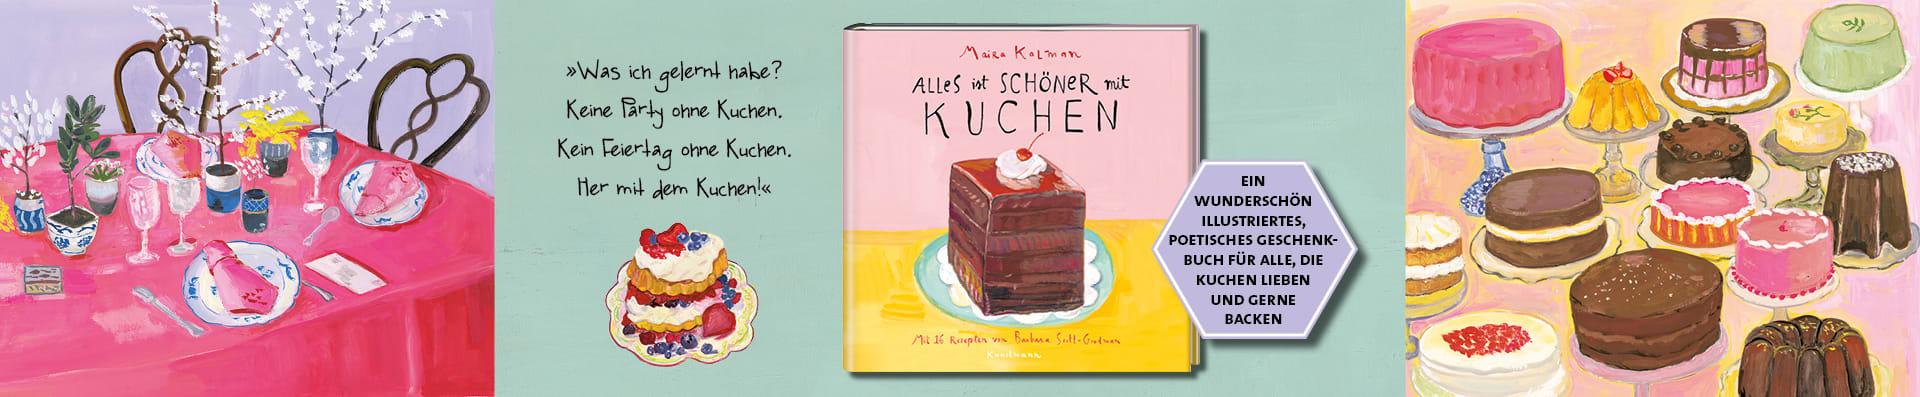 Kalman | Scott-Goodman – Alles ist schöner mit Kuchen